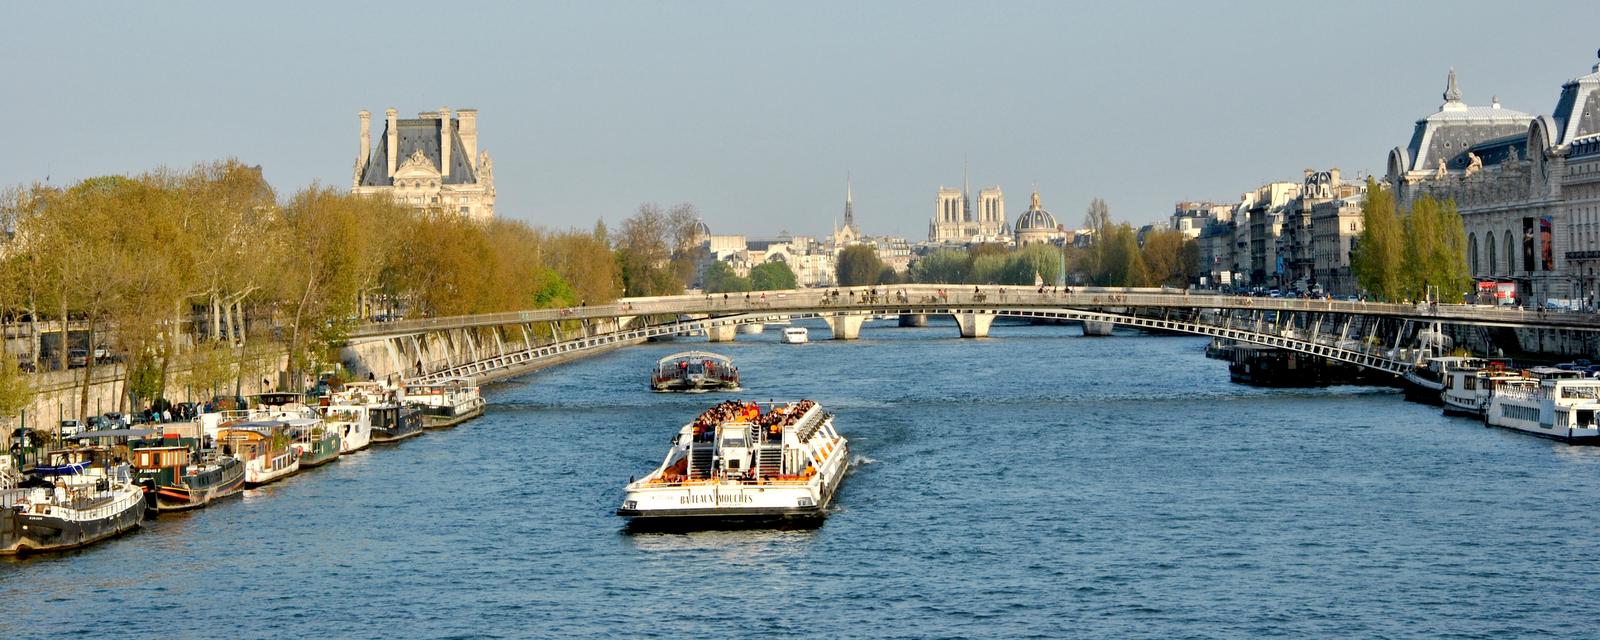 Restaurant romantique bateau paris, restaurant paris peniche seine